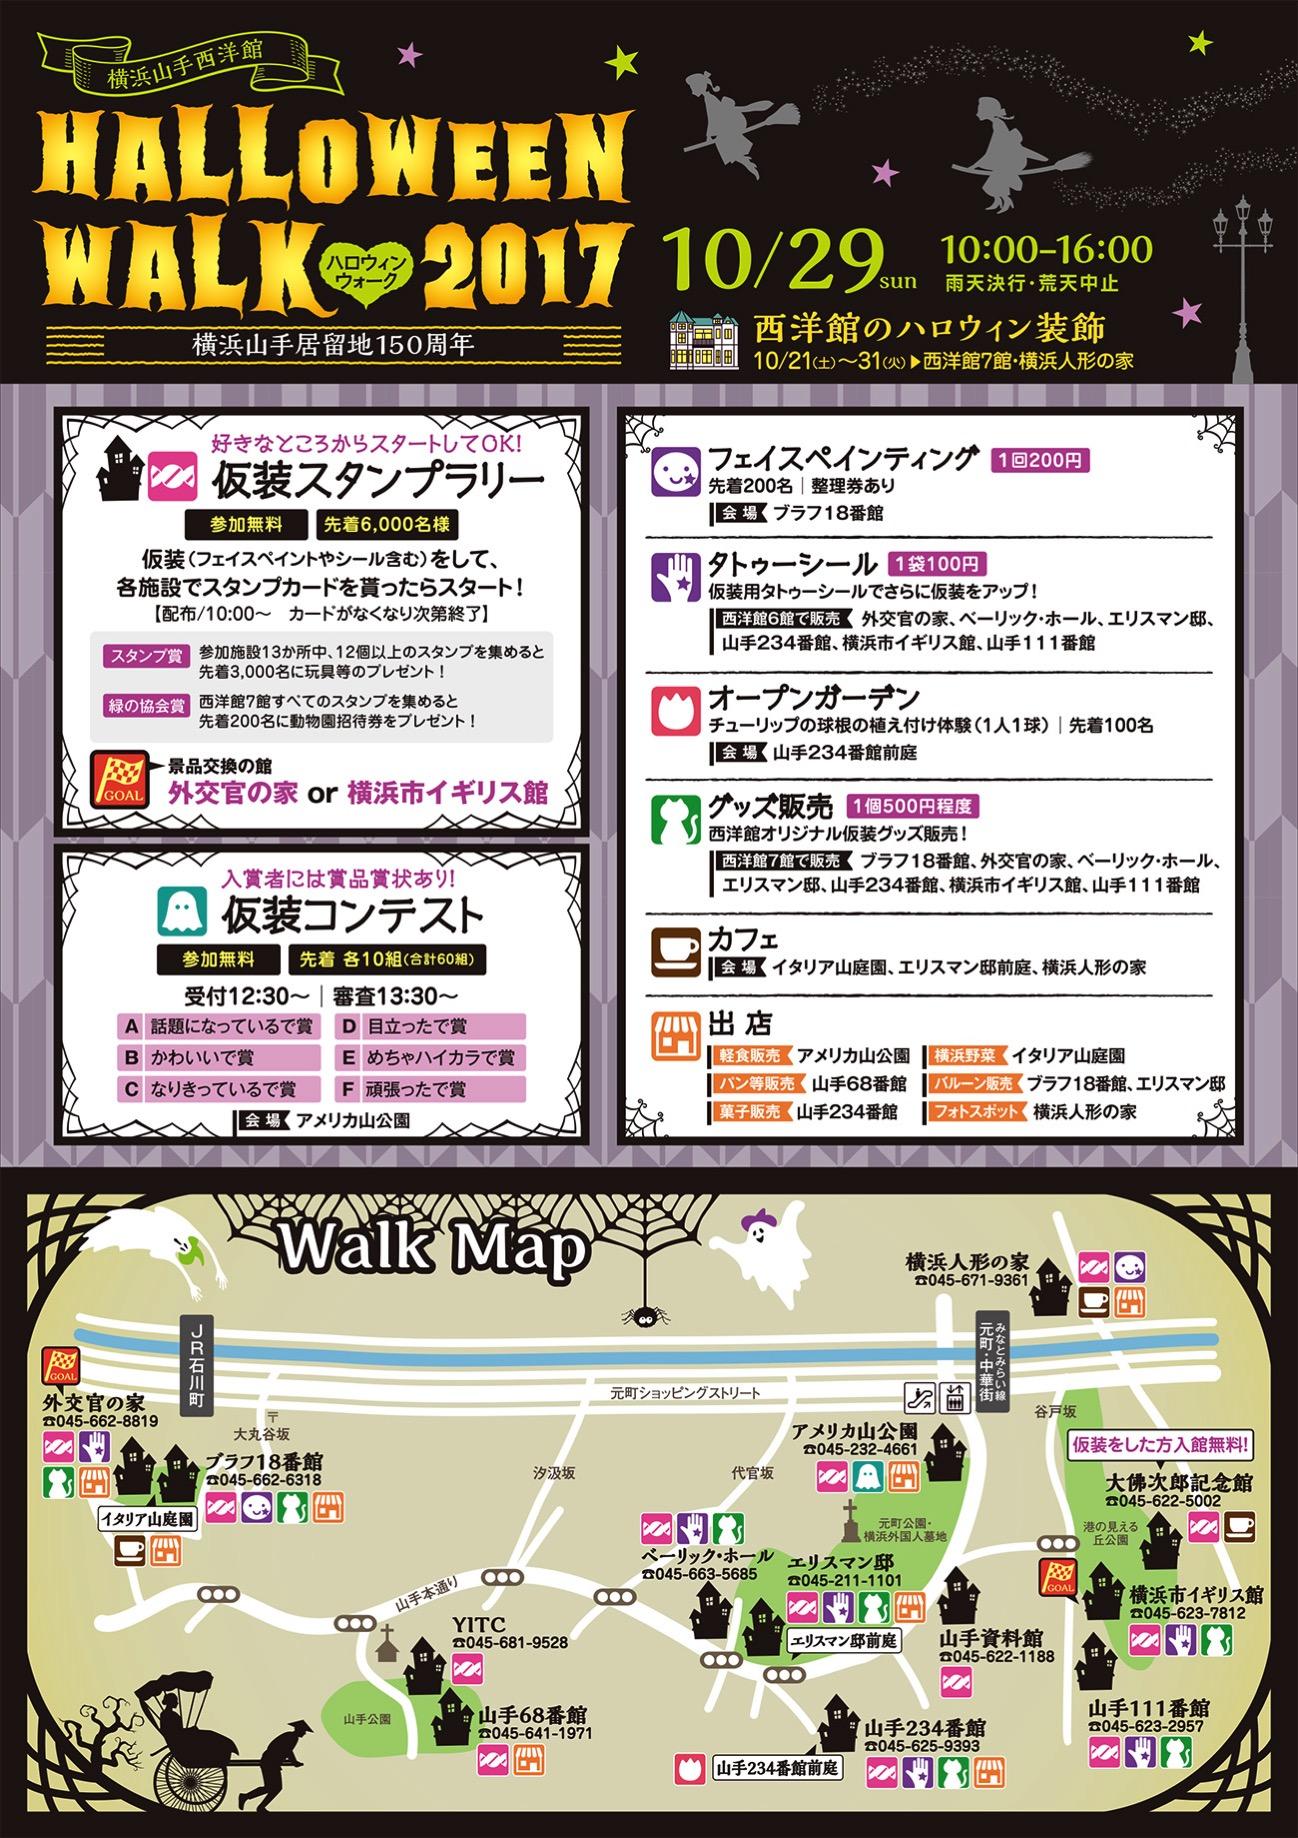 横浜山手西洋館ハロウィンウォーク2017